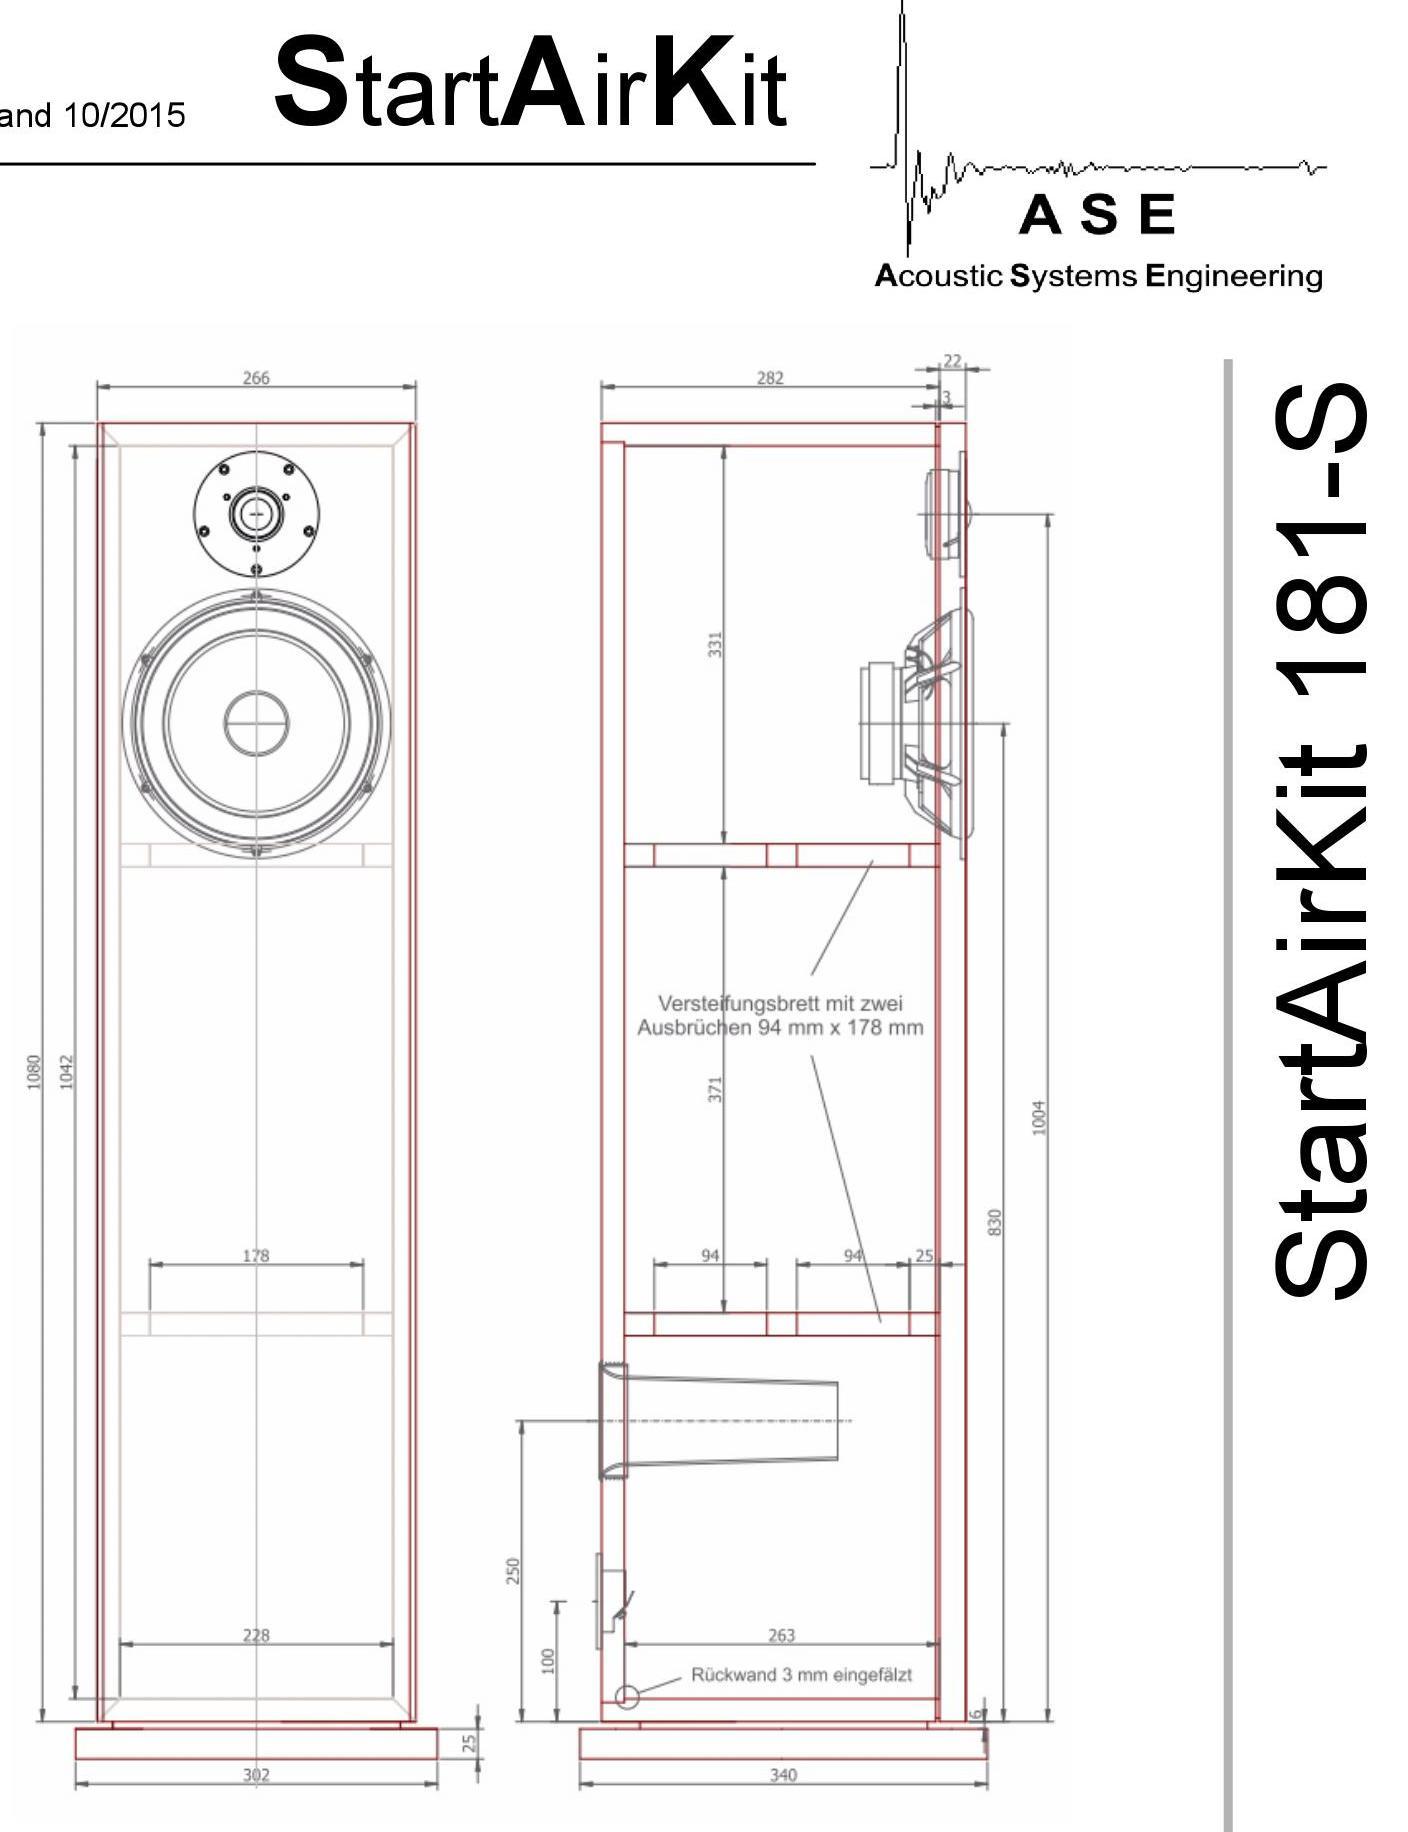 lautsprecherbau thomaier - sak 181 start air kit auf gehrung nach